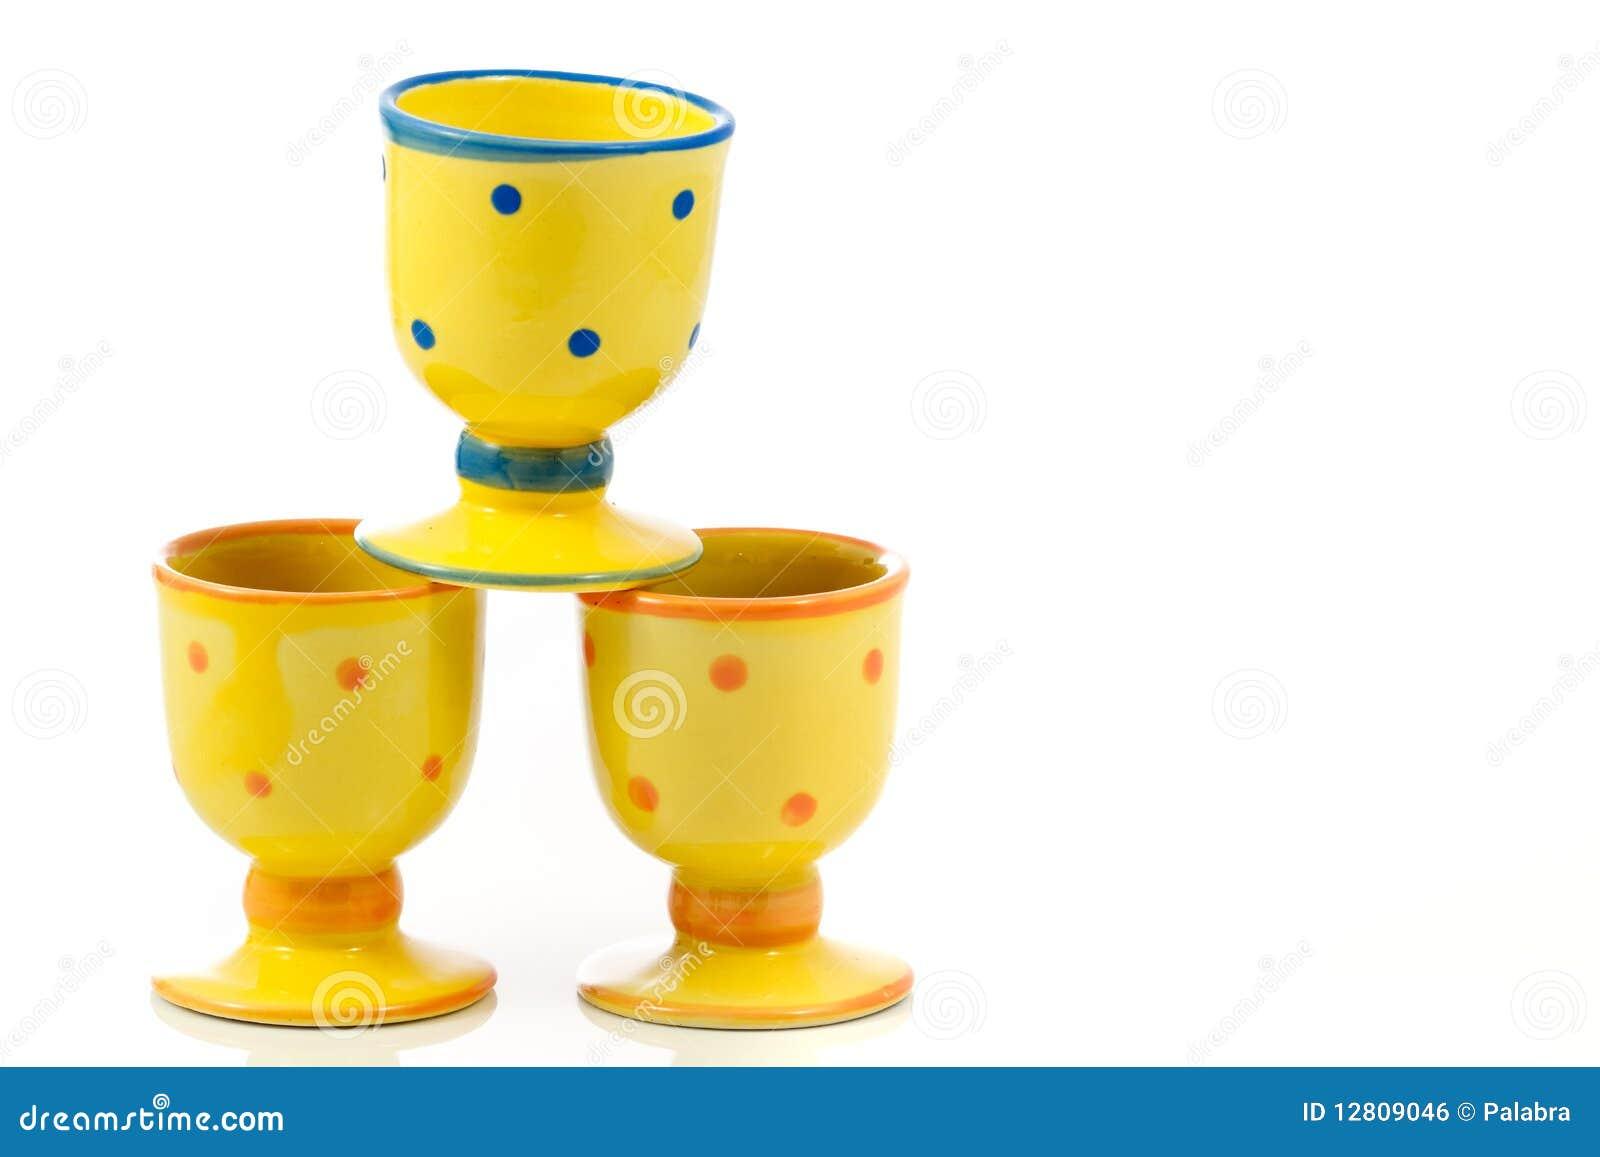 Egg-cups cerâmicos pontilhados amarelo